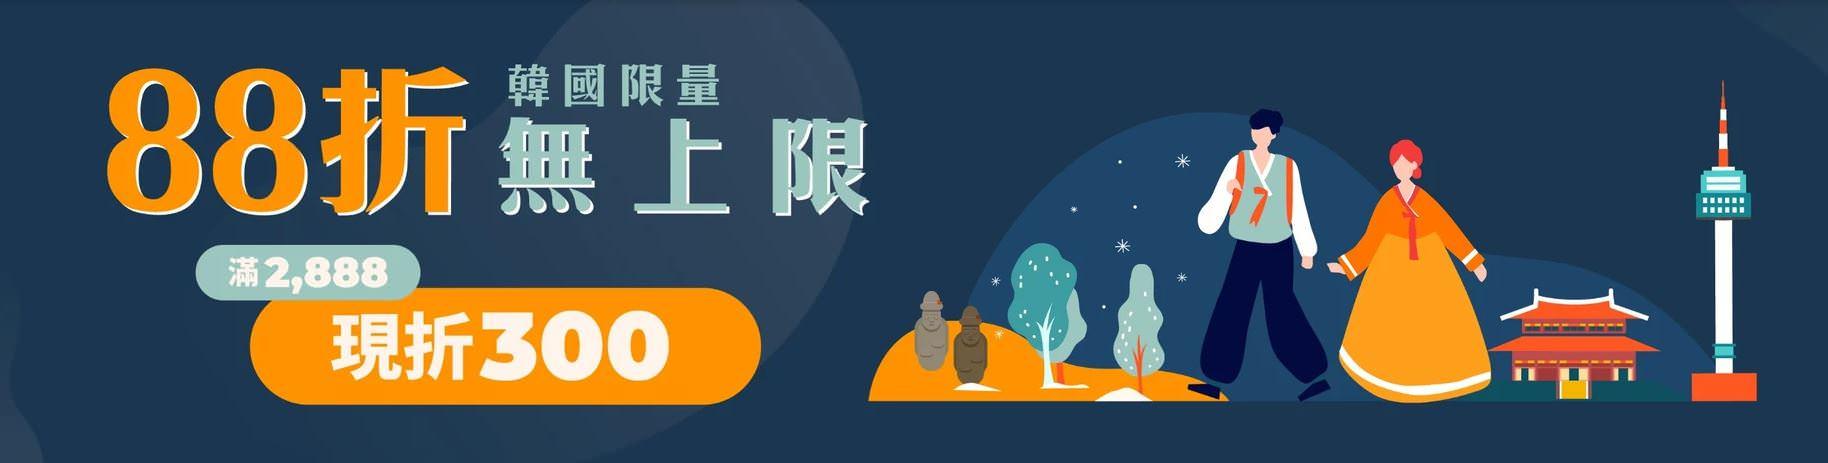 【韓國交通卡T-money Card】韓國自由行必備:超省錢 T-money卡購入、加值、退額、使用優惠全攻略! - threeonelee.com